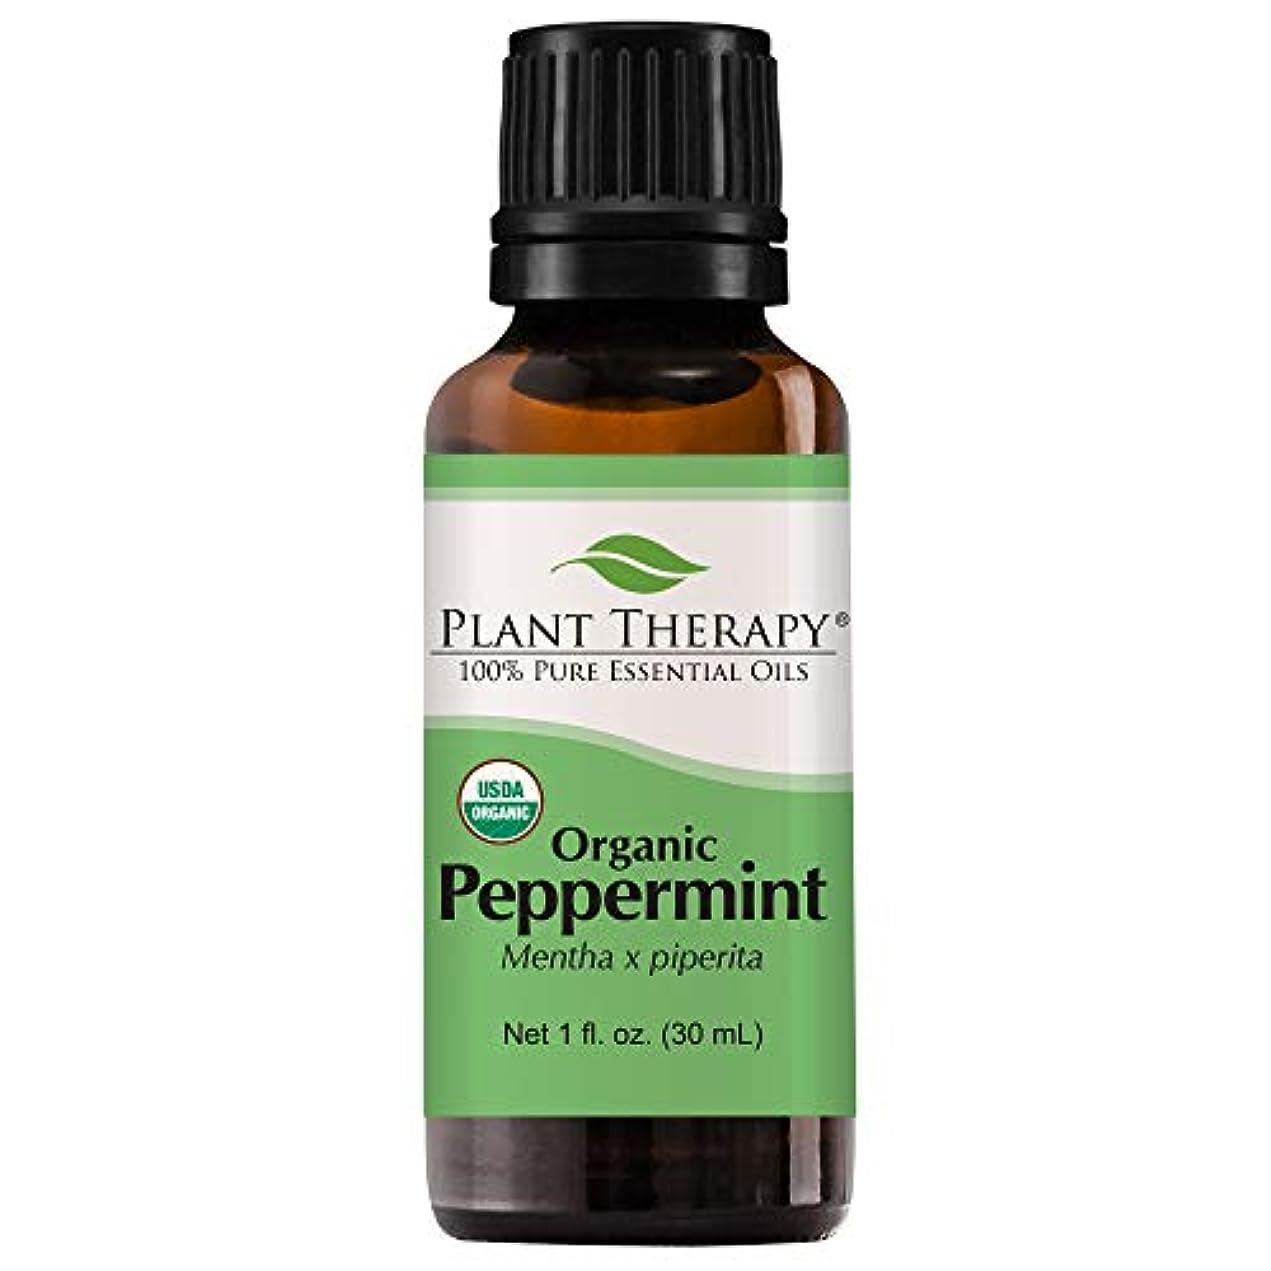 危機愛されし者衛星植物セラピーUSDA認定オーガニックペパーミントエッセンシャルオイル。 100%ピュア、希釈していない、治療グレード。 30mLの(1オンス)。